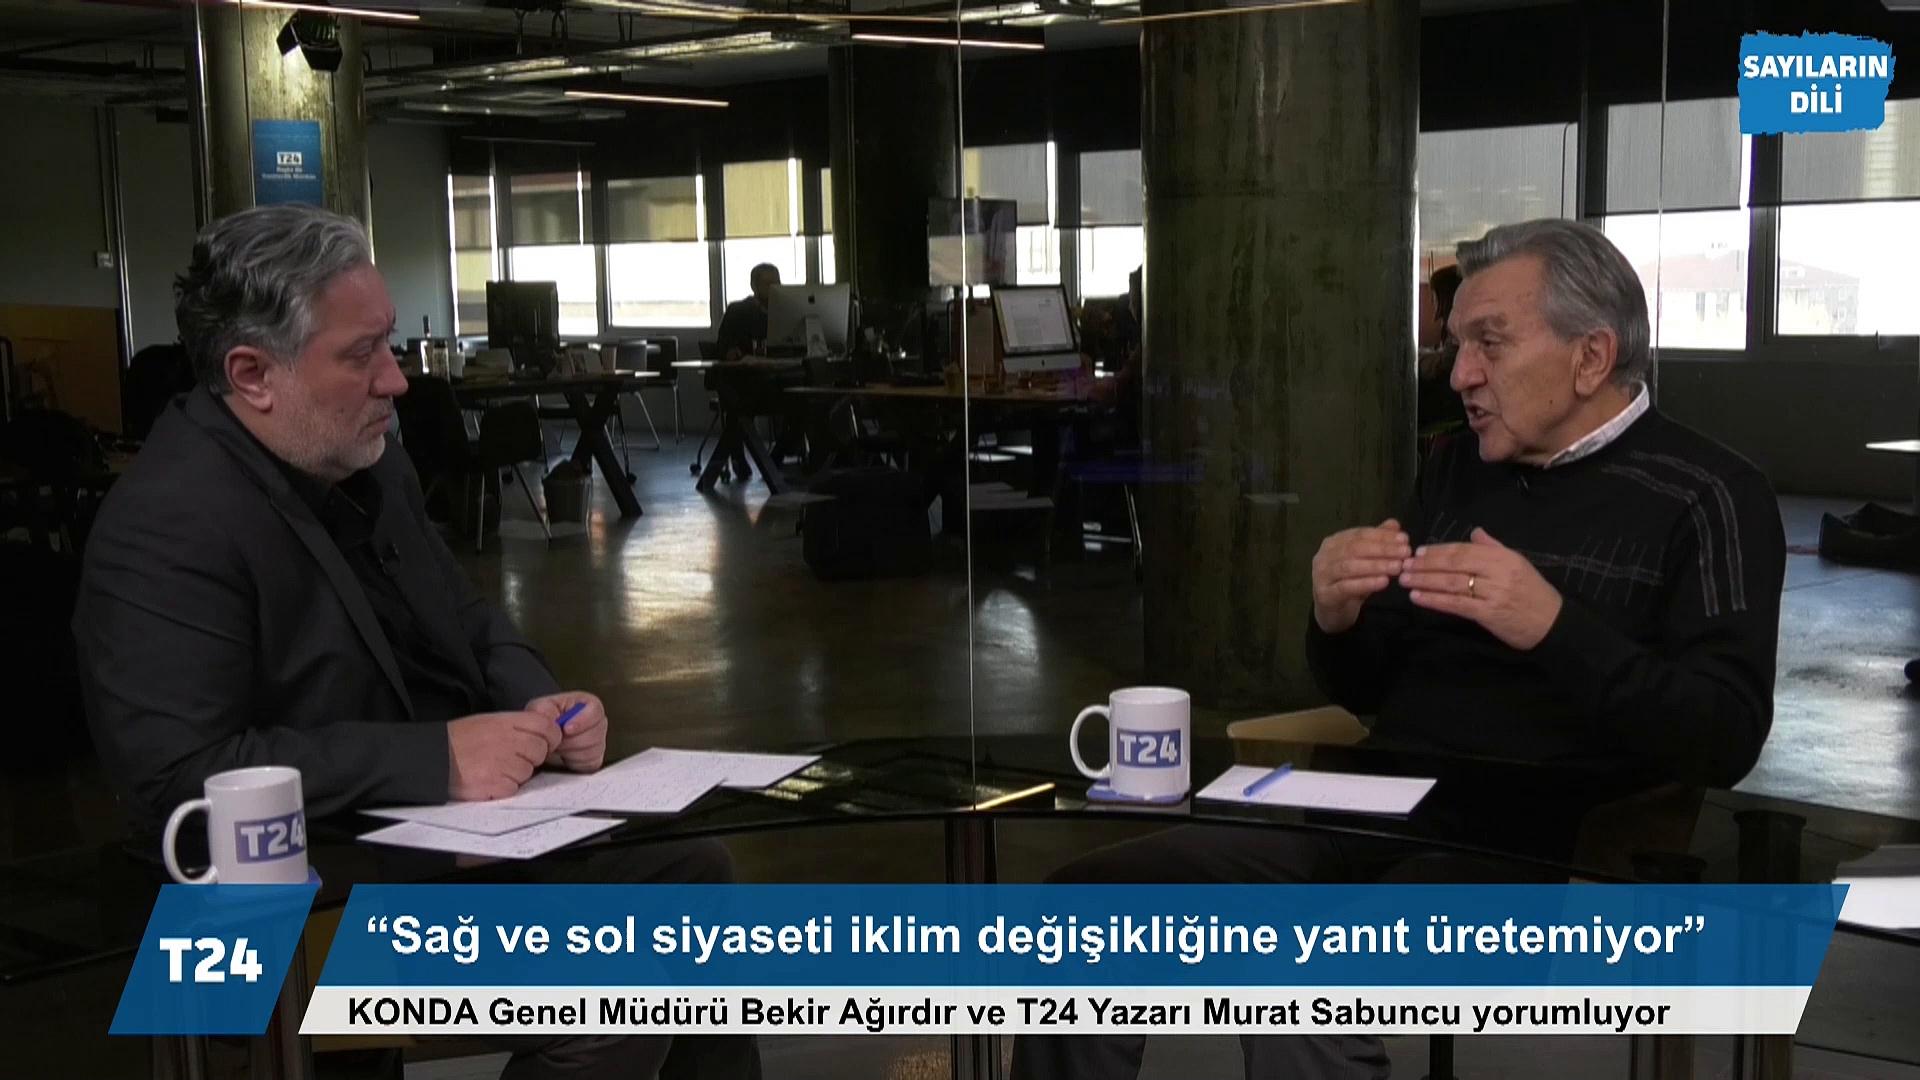 KONDA Genel Müdürü Ağırdır: CHP'nin muhafazakârları anlamaya çalışması önemli ama tabanını da dönüştürmeli